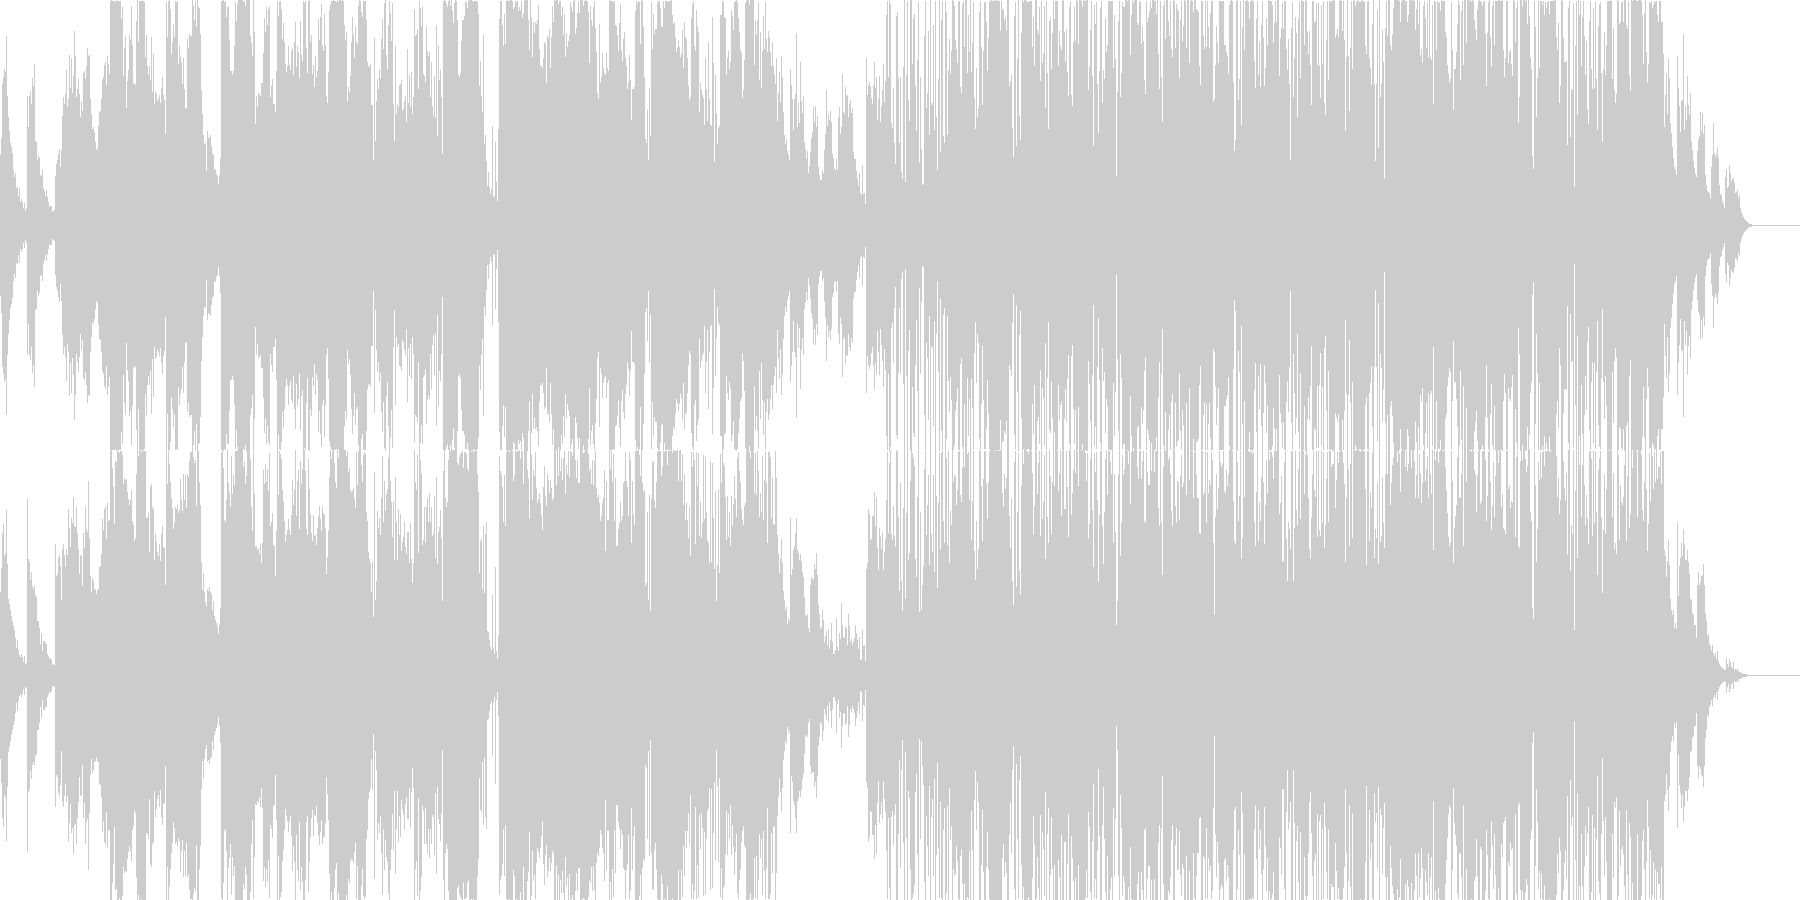 焦燥感のある電子世界的音楽の未再生の波形